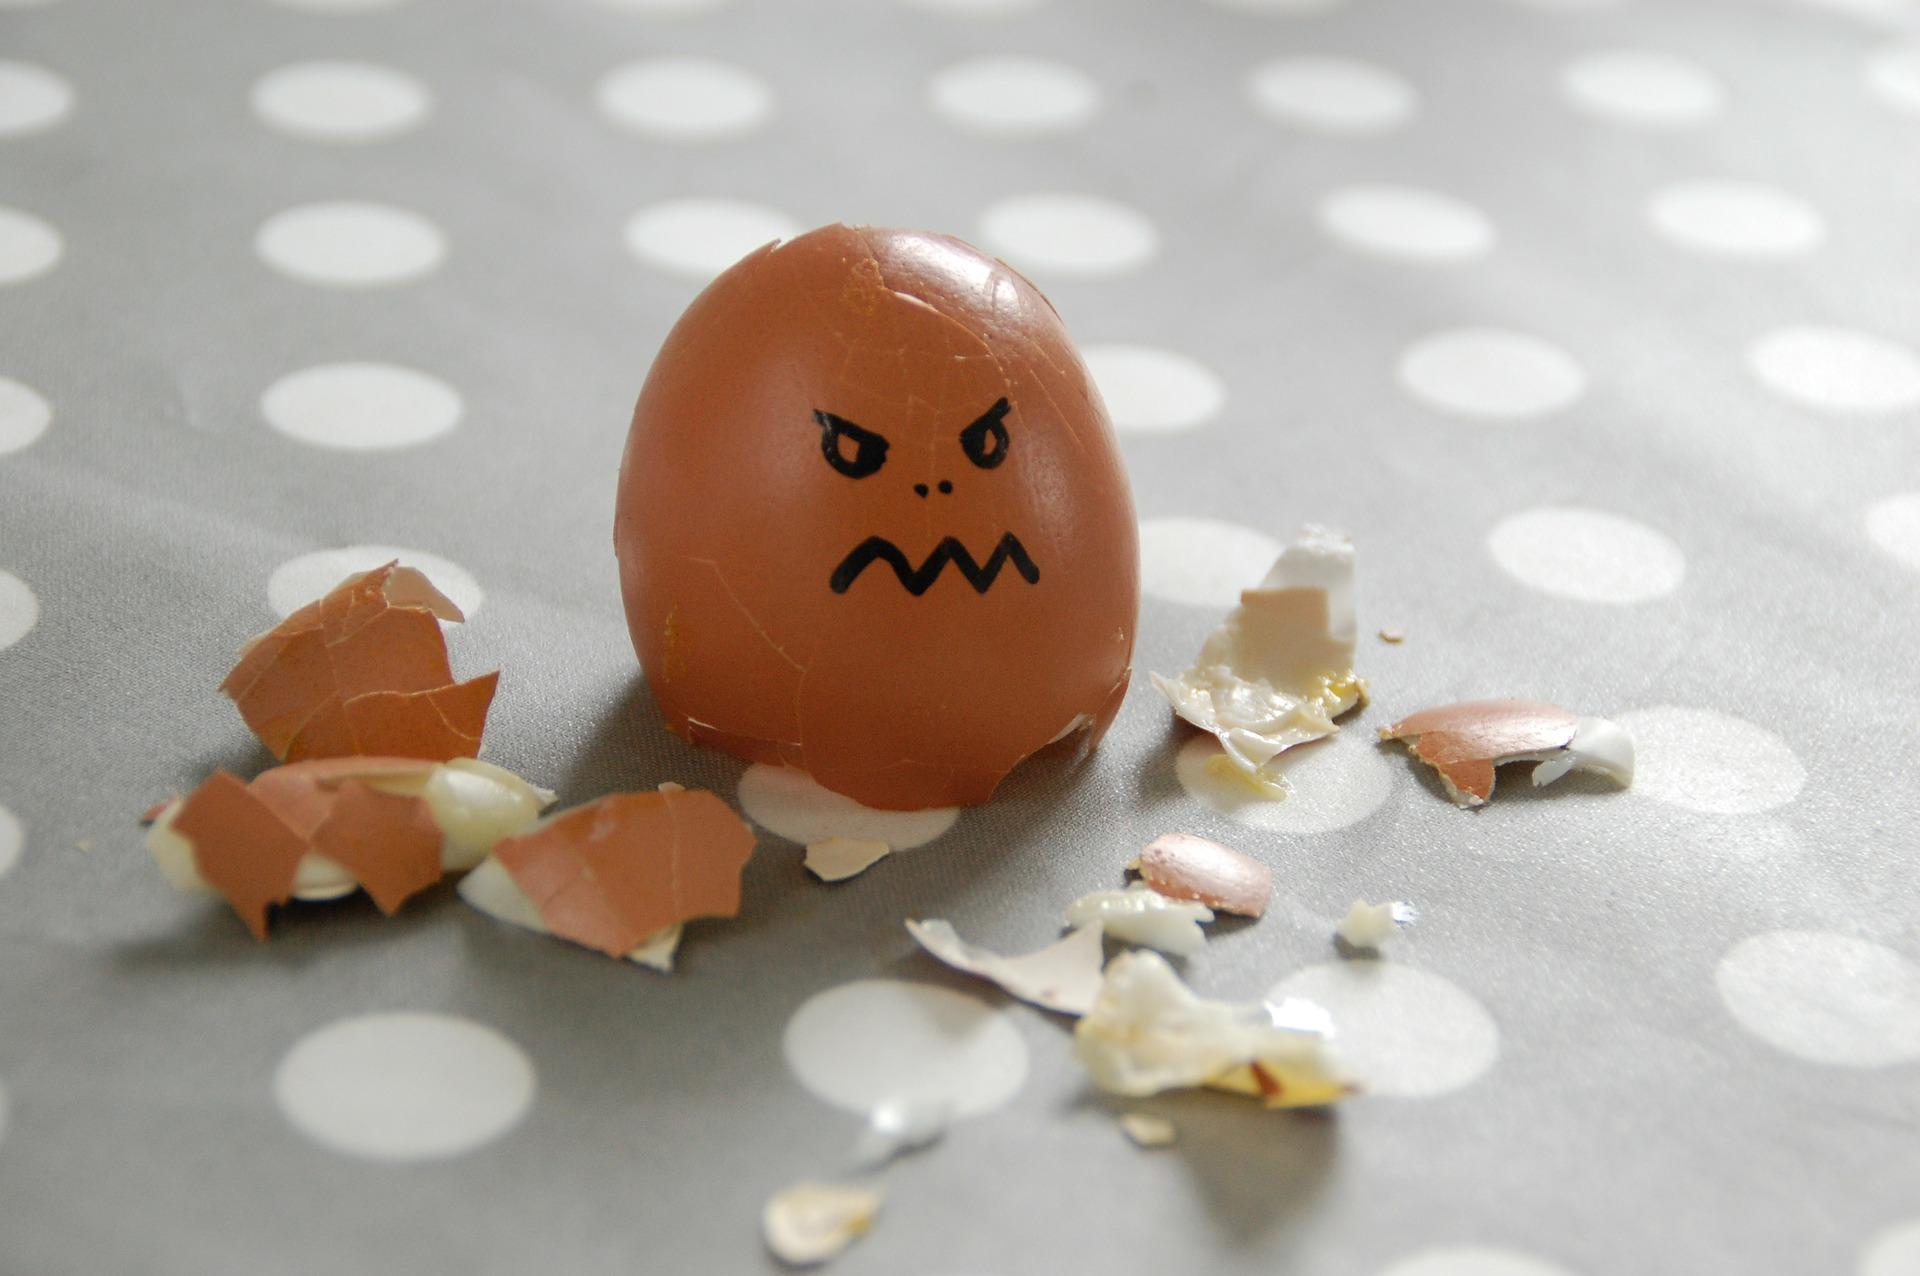 egg-100808_1920_1_1.jpg